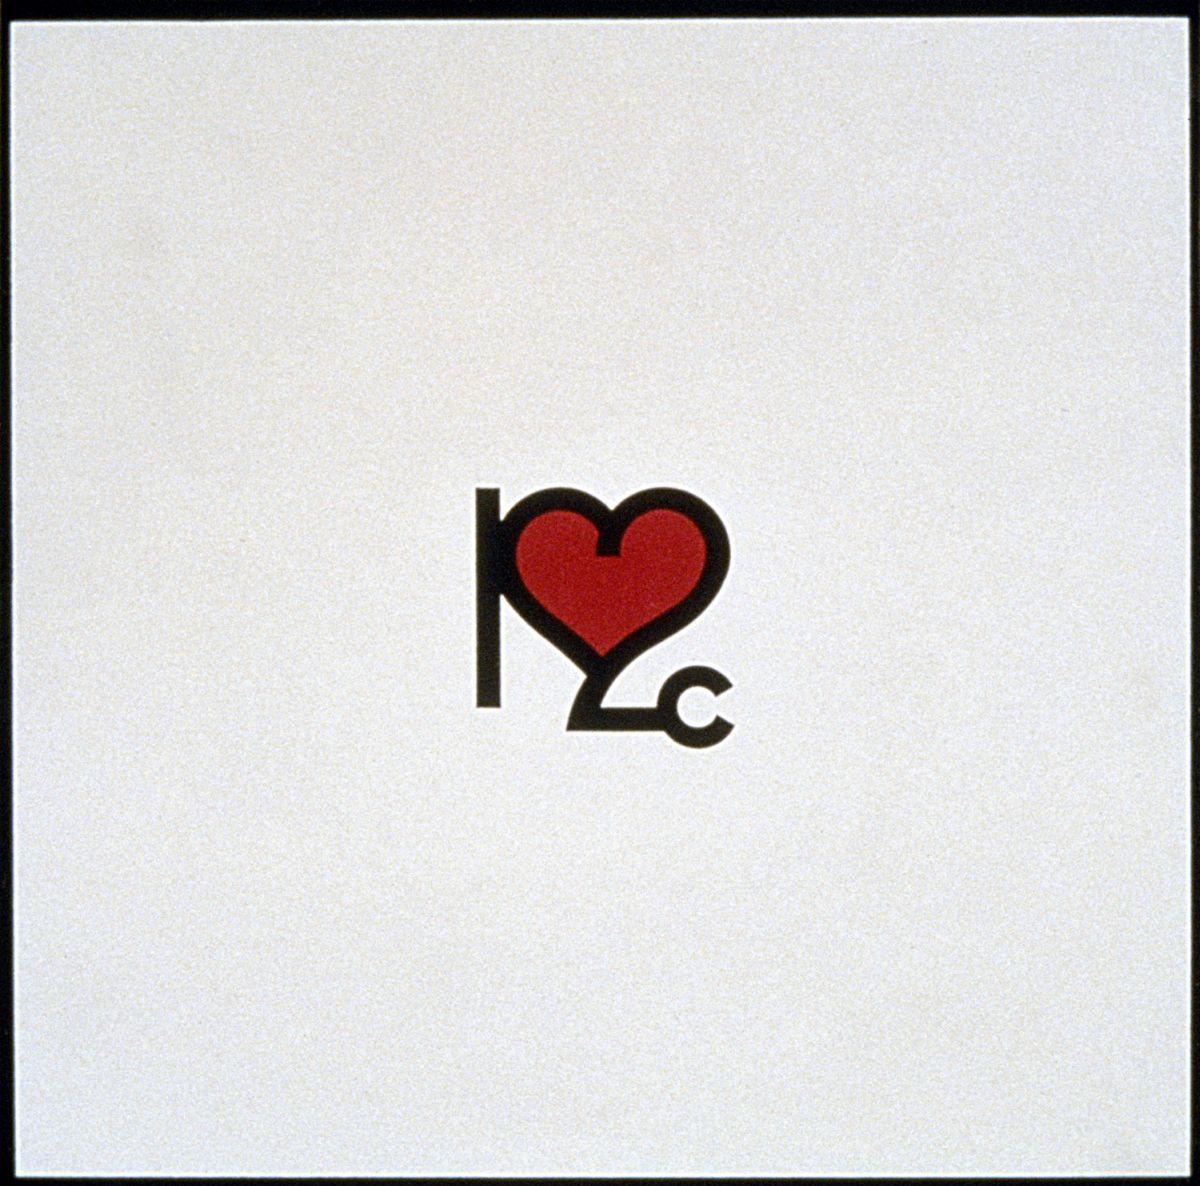 K2C画像